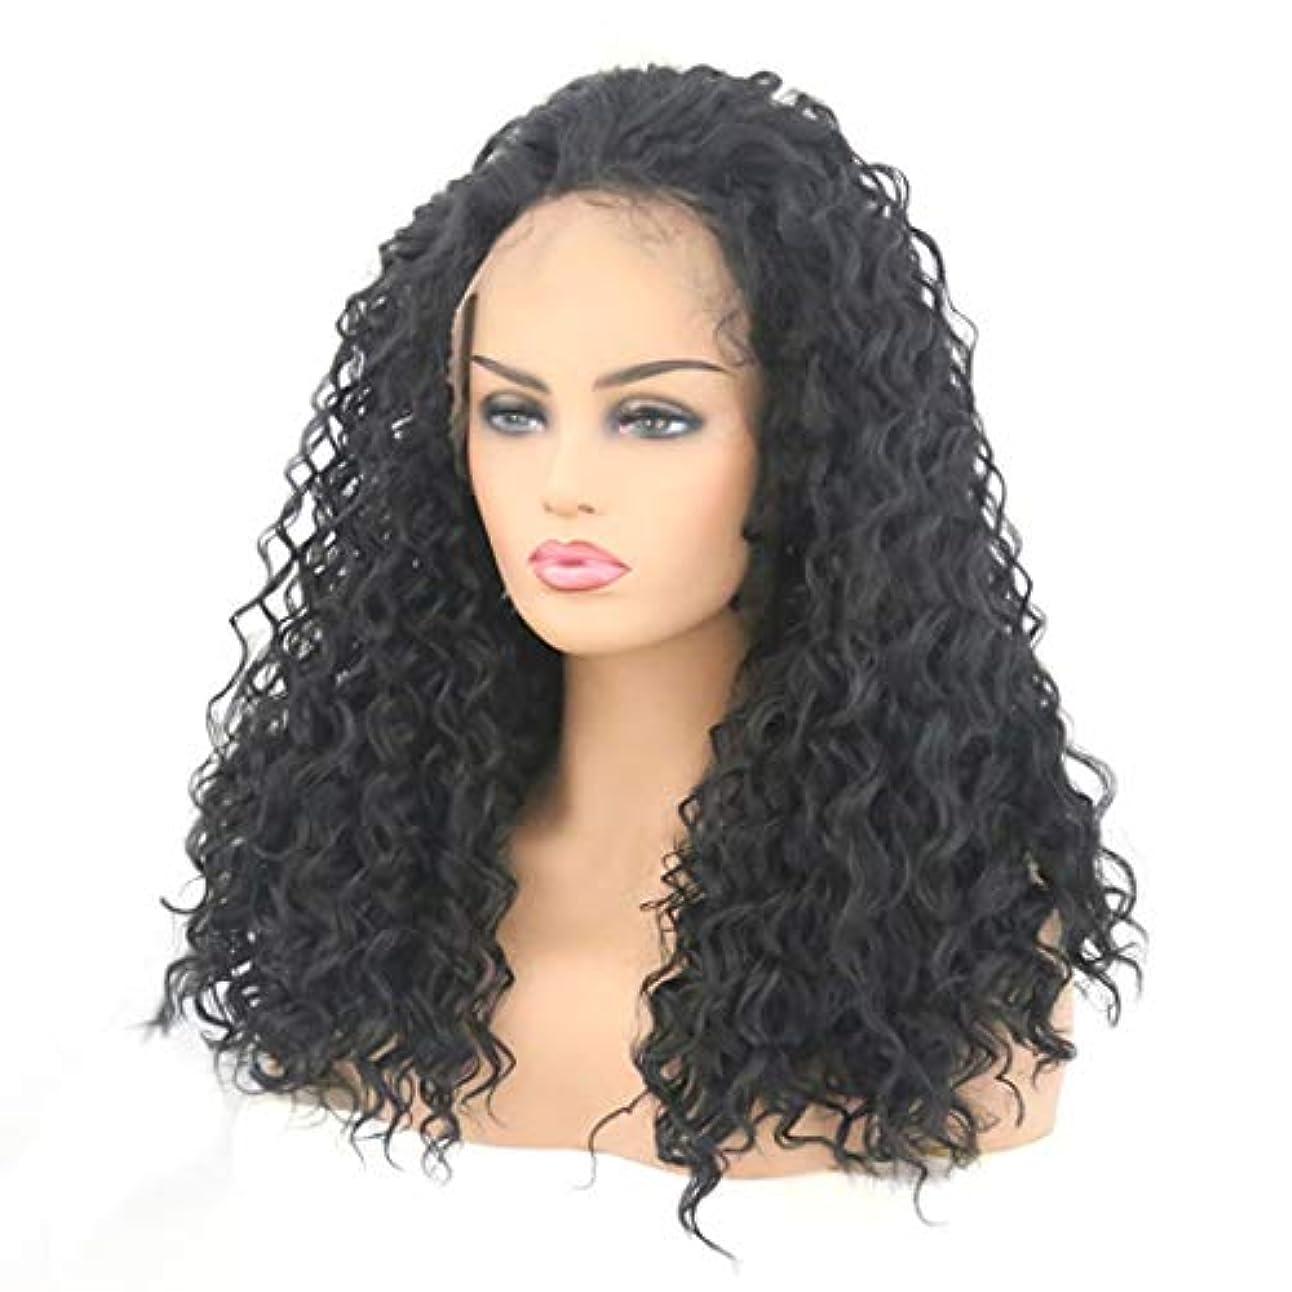 汚いデンマーク語イデオロギーKerwinner 女性のための黒の小さな巻き毛の長い巻き毛のフロントレース高温シルク